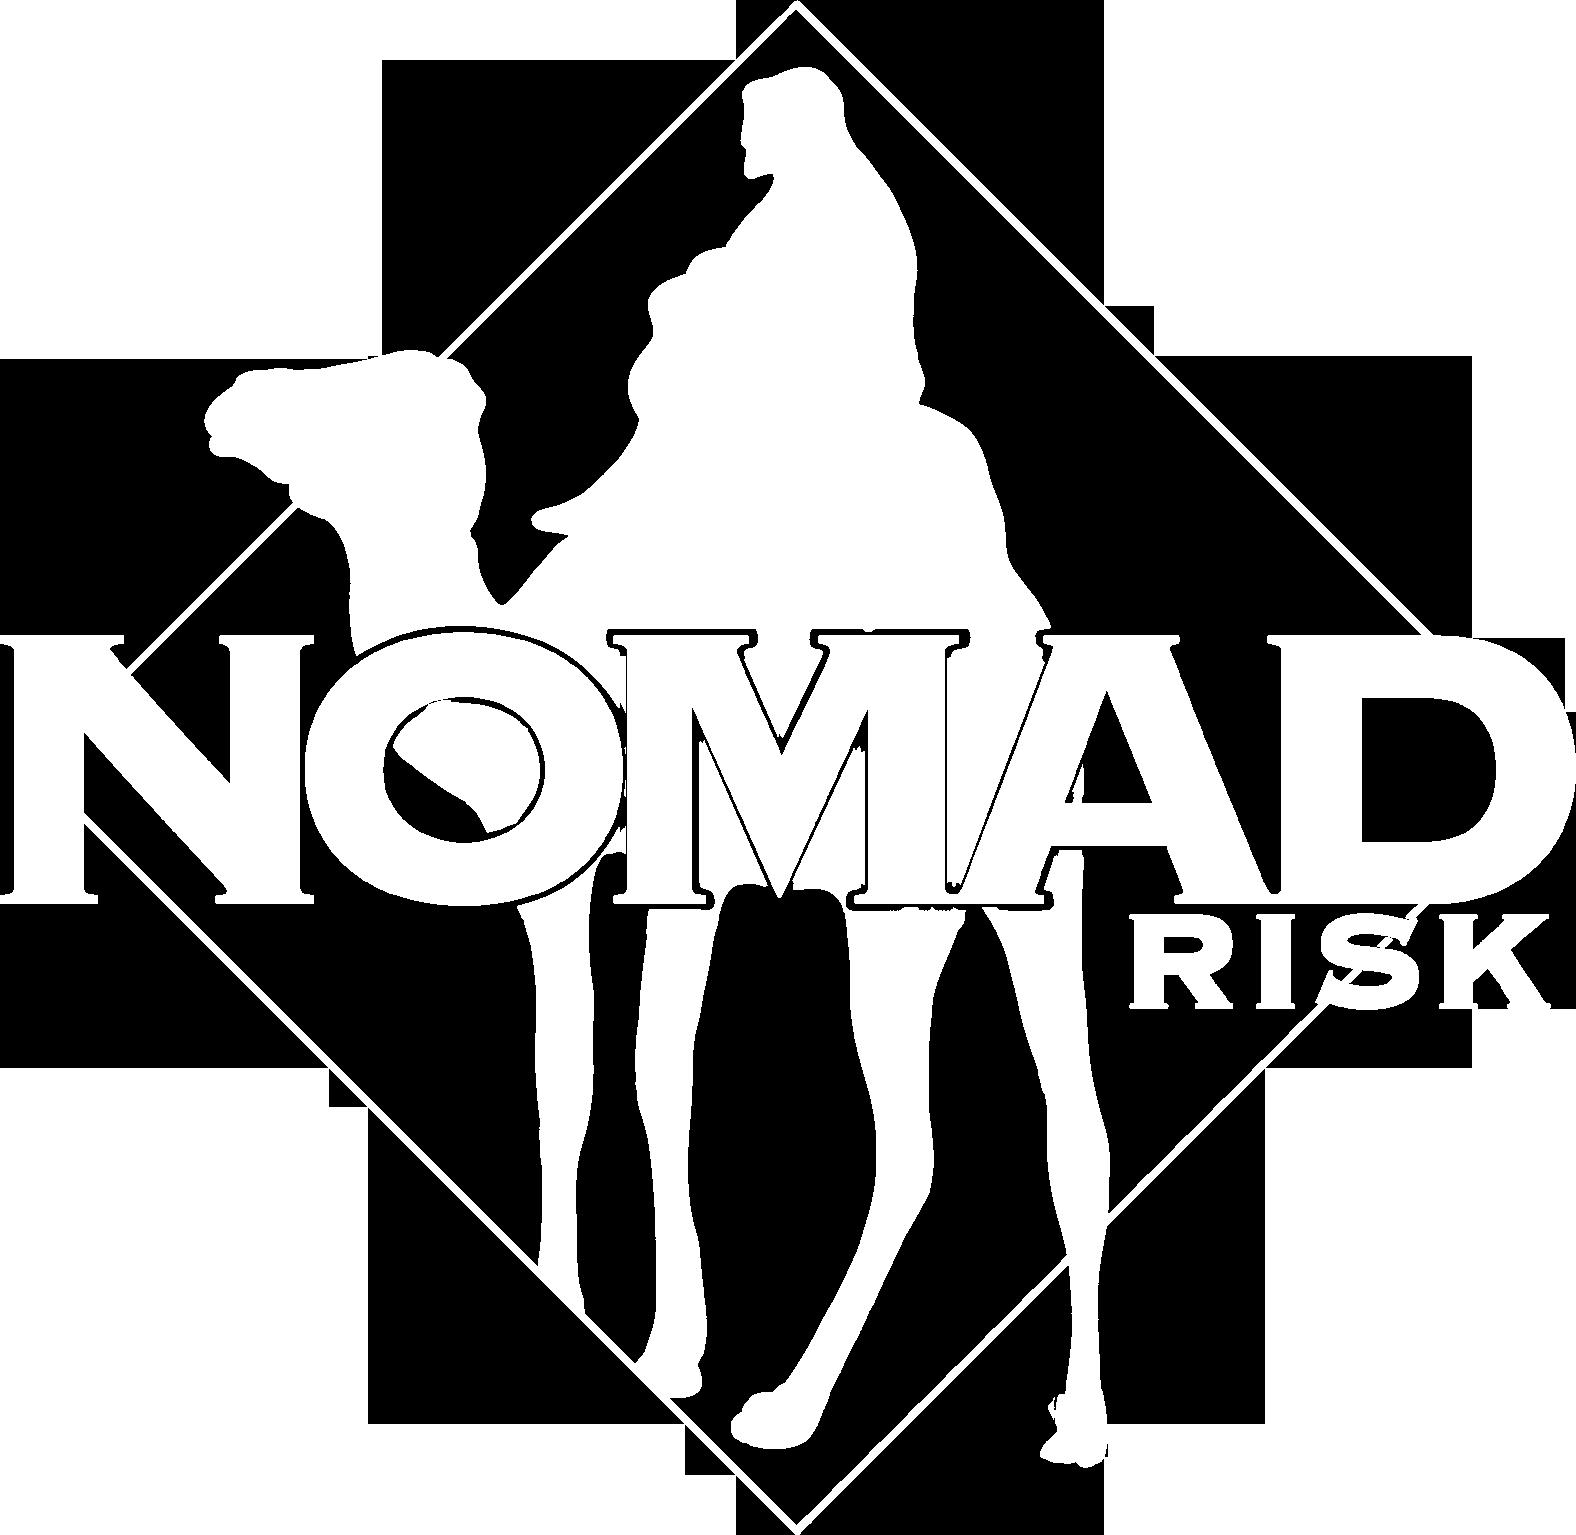 Nomad Risk